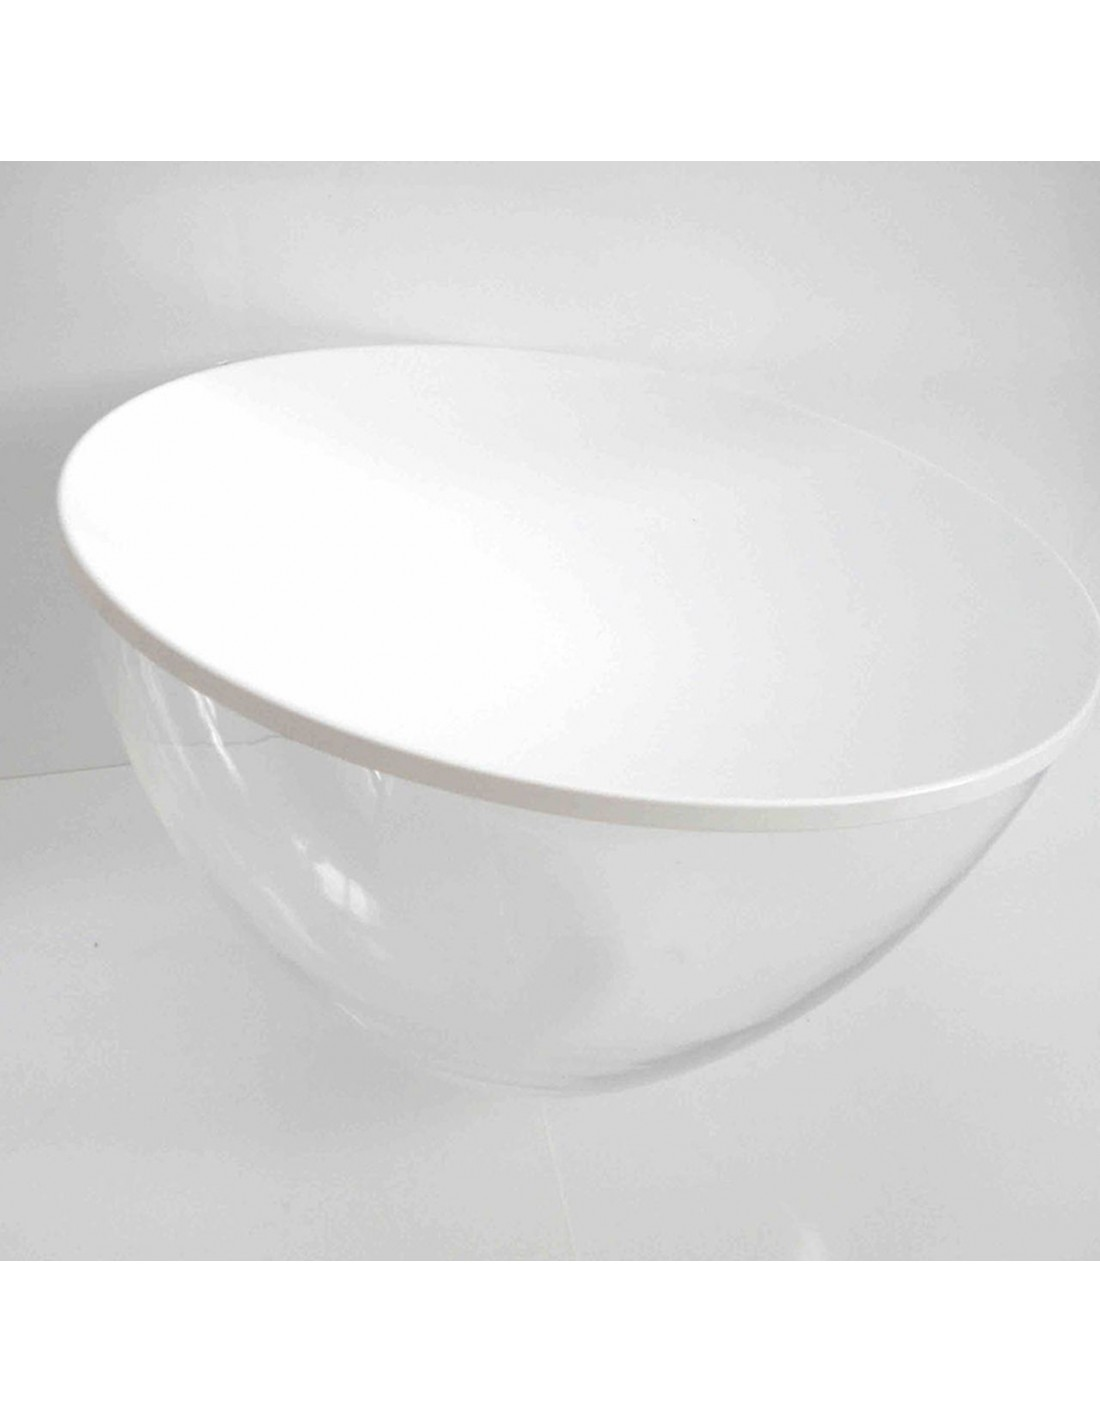 Réflecteur blanc pour lampe Taccia Flos Valente Design